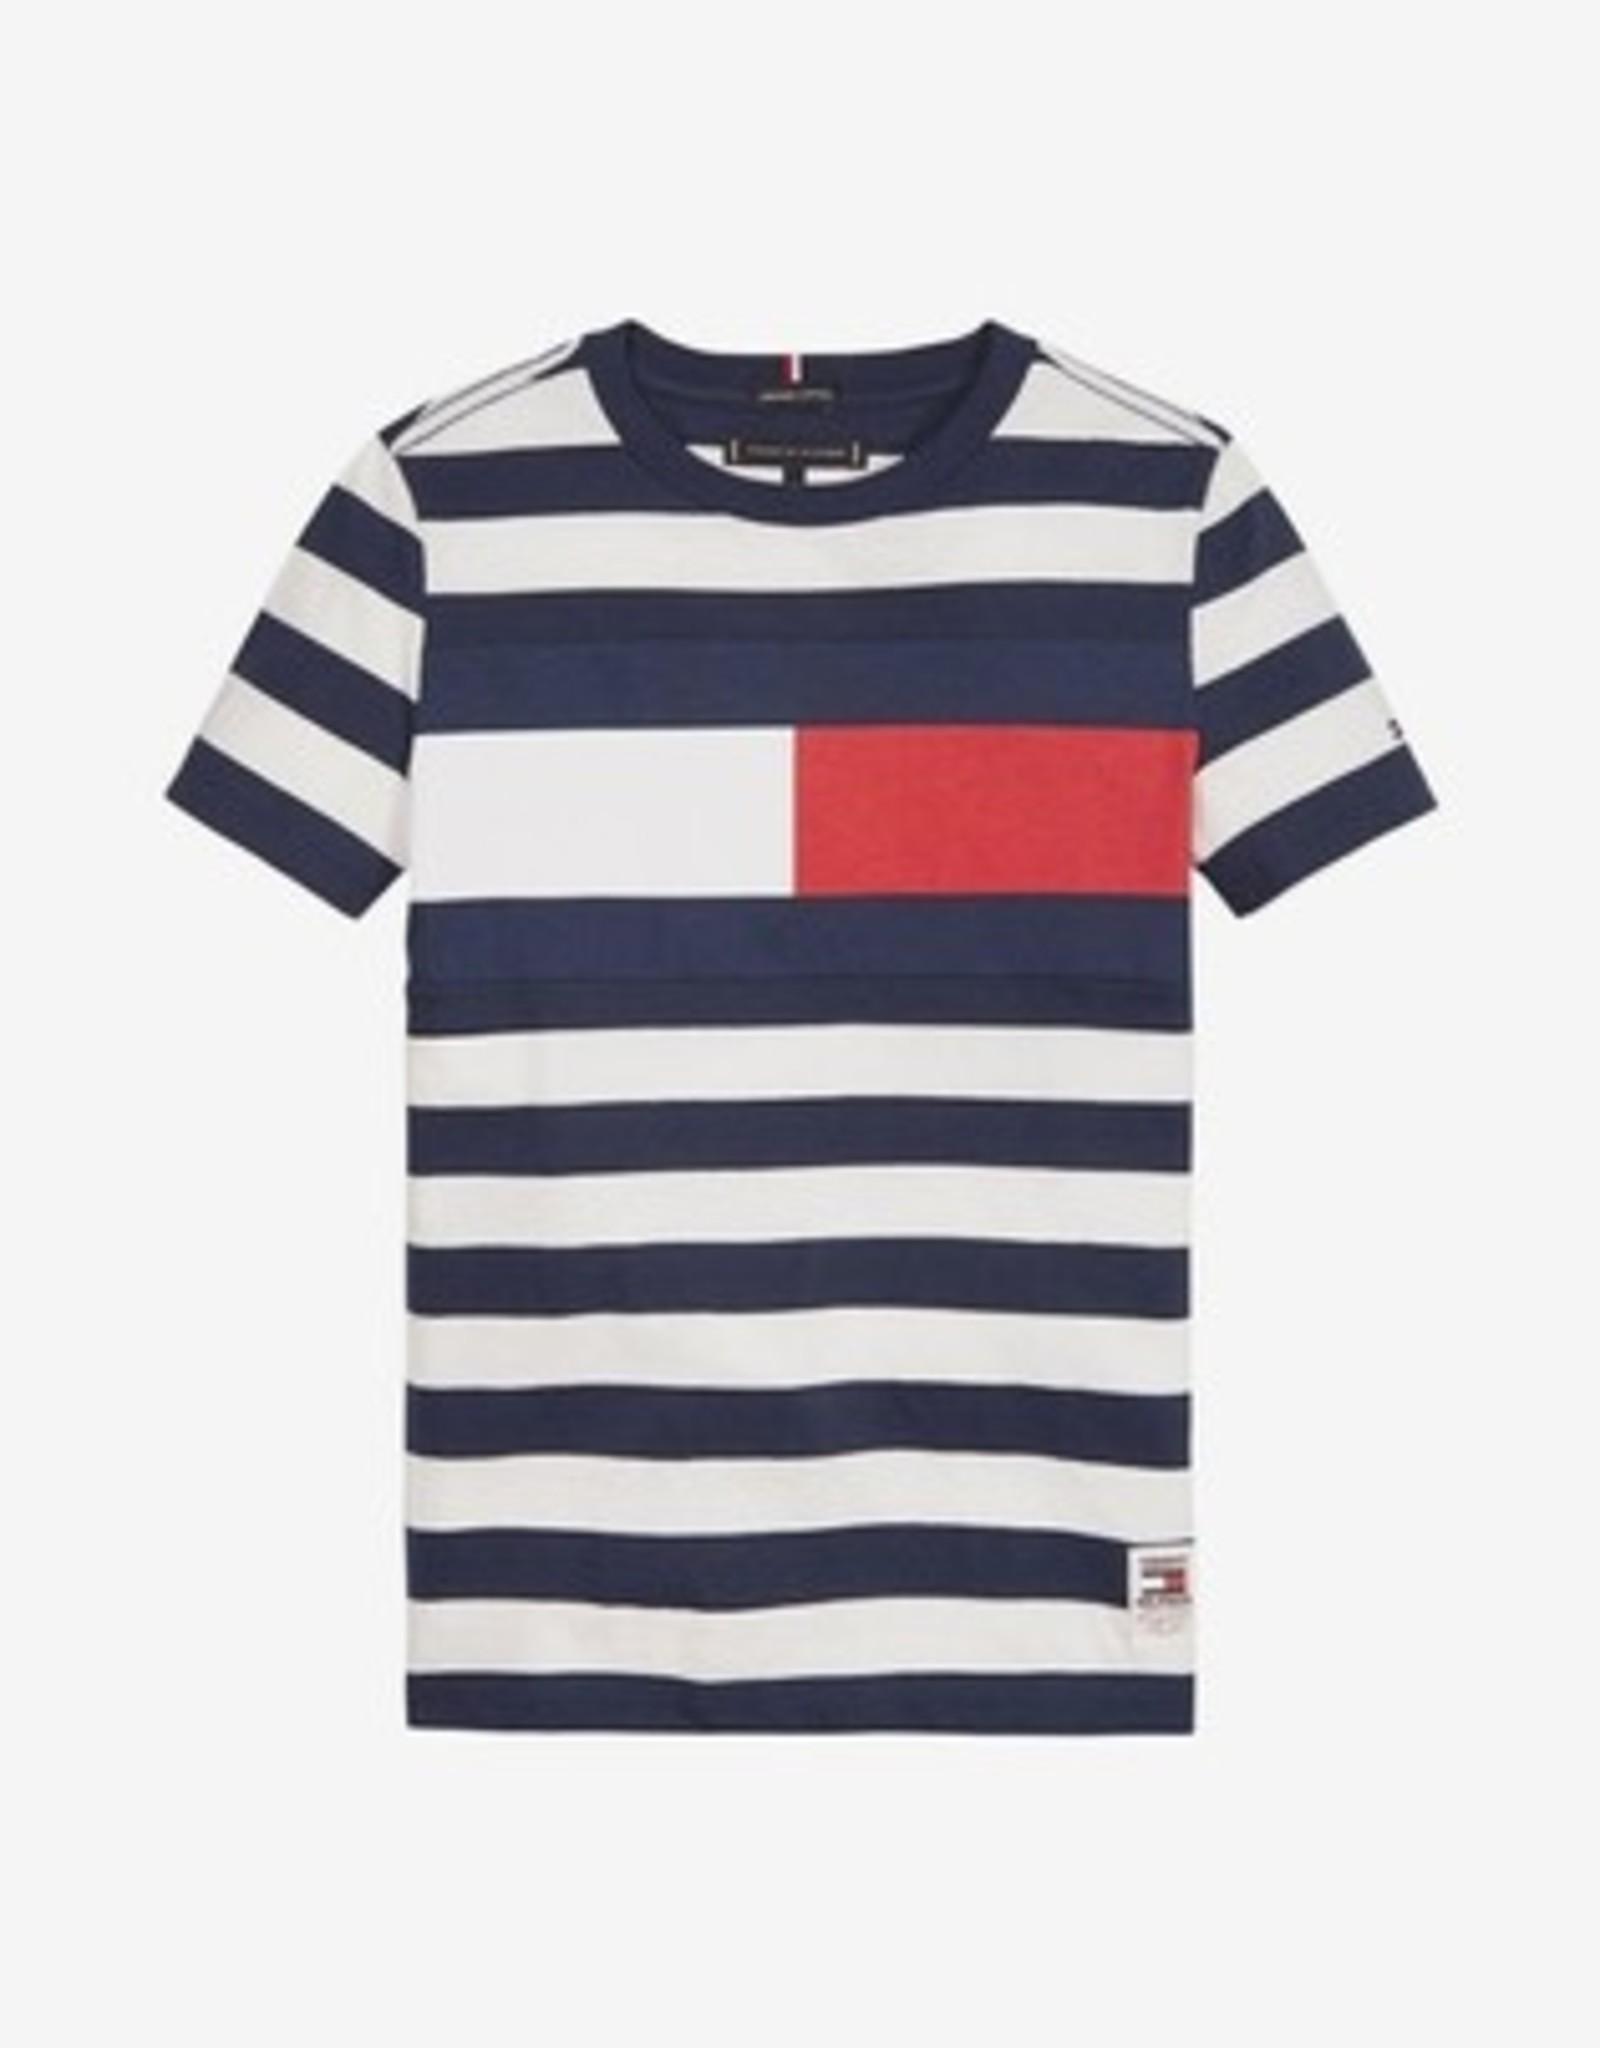 Tommy Hilfiger Cut & Sew Stripe Tee, 0A4